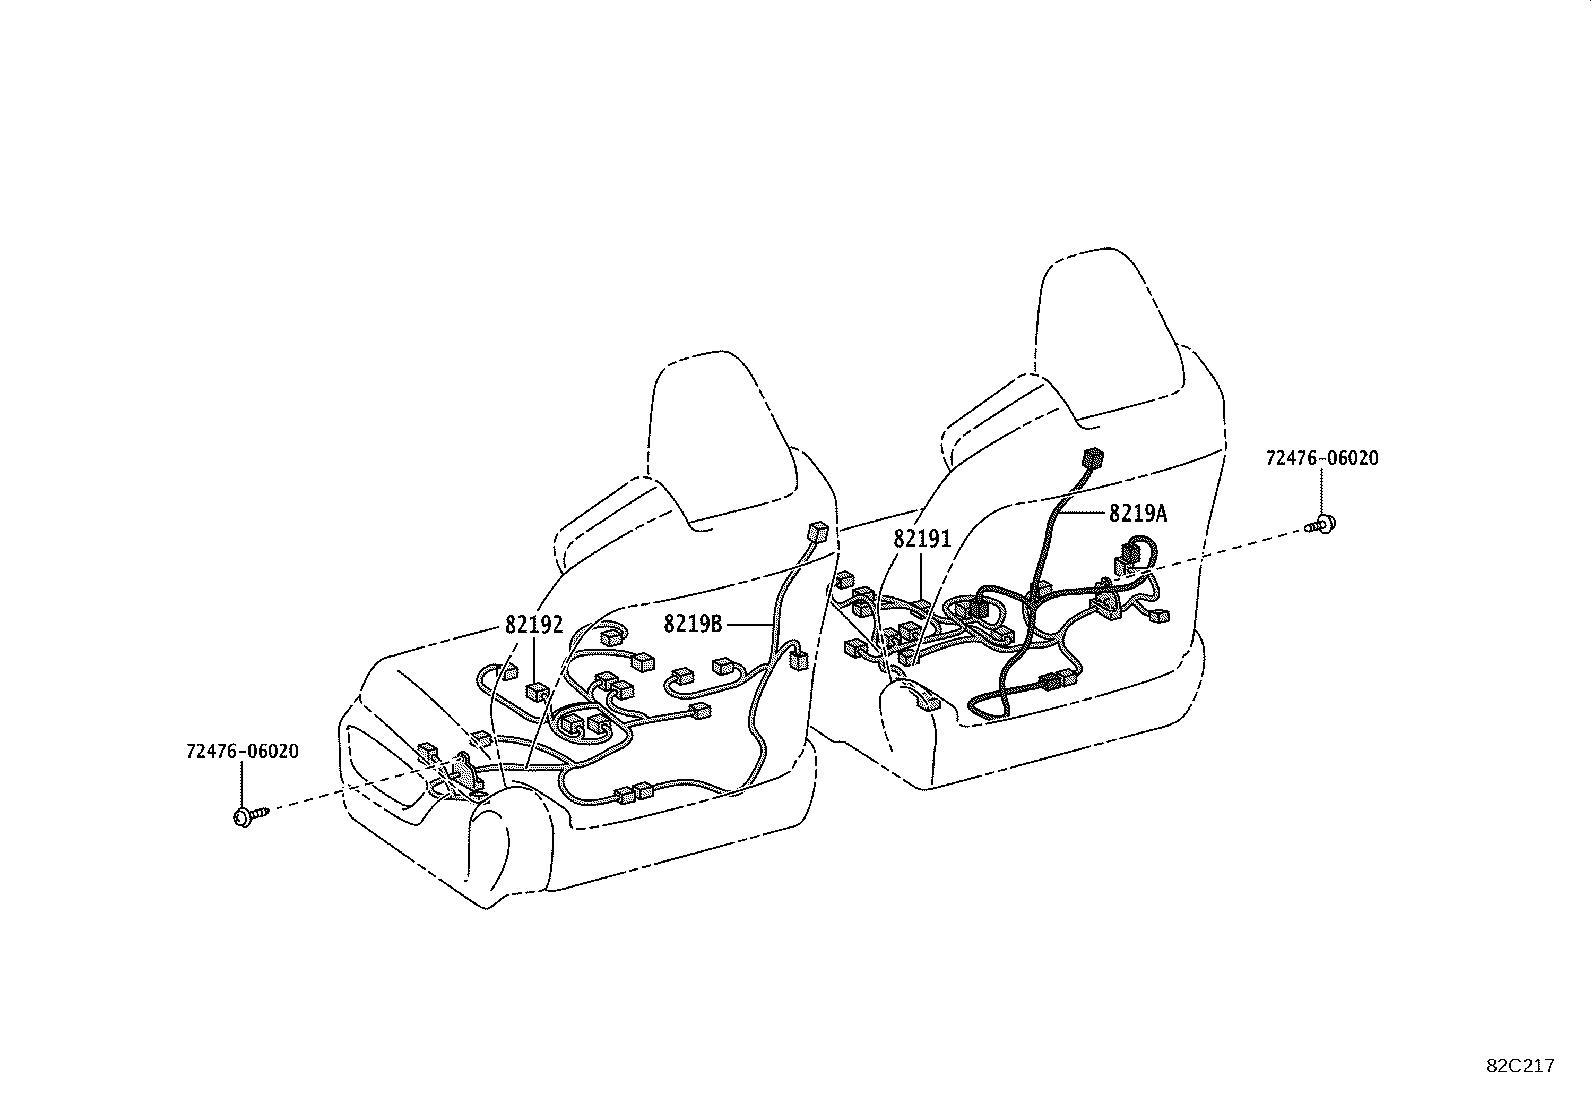 2021 Lexus RX 450h Wire, engine room, no. 5. Monitor